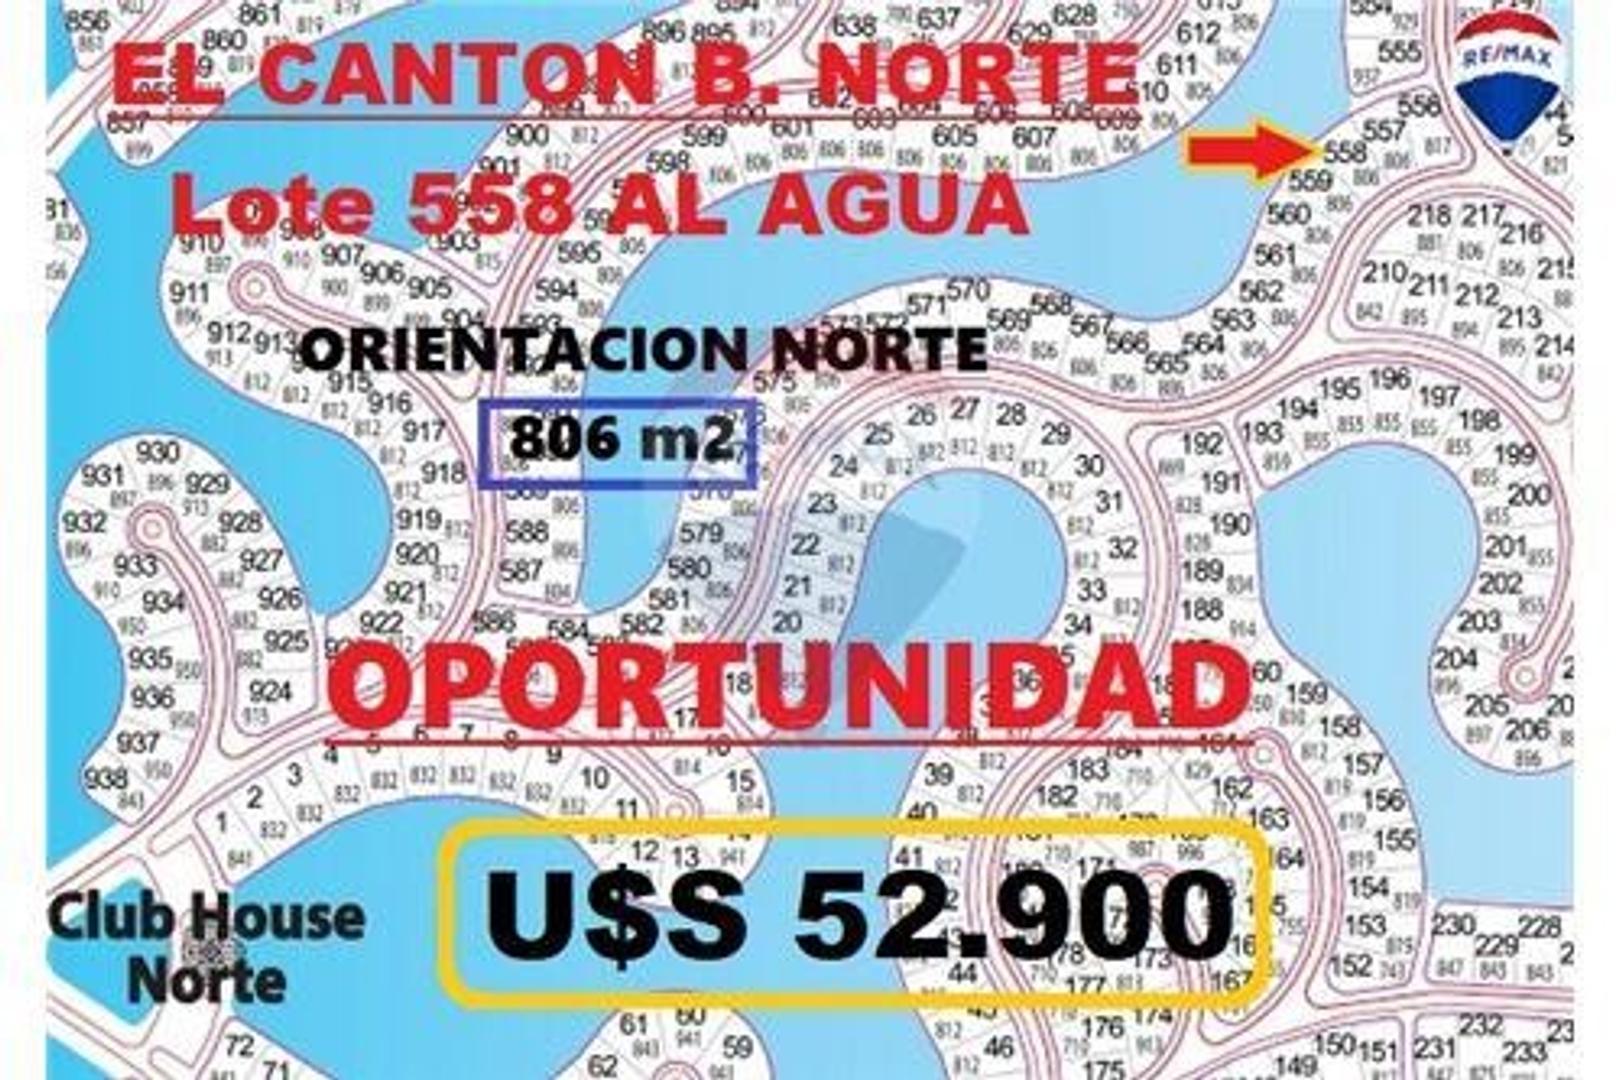 Lote 558 A LAGUNA, Barrio Privado EL CANTON Norte